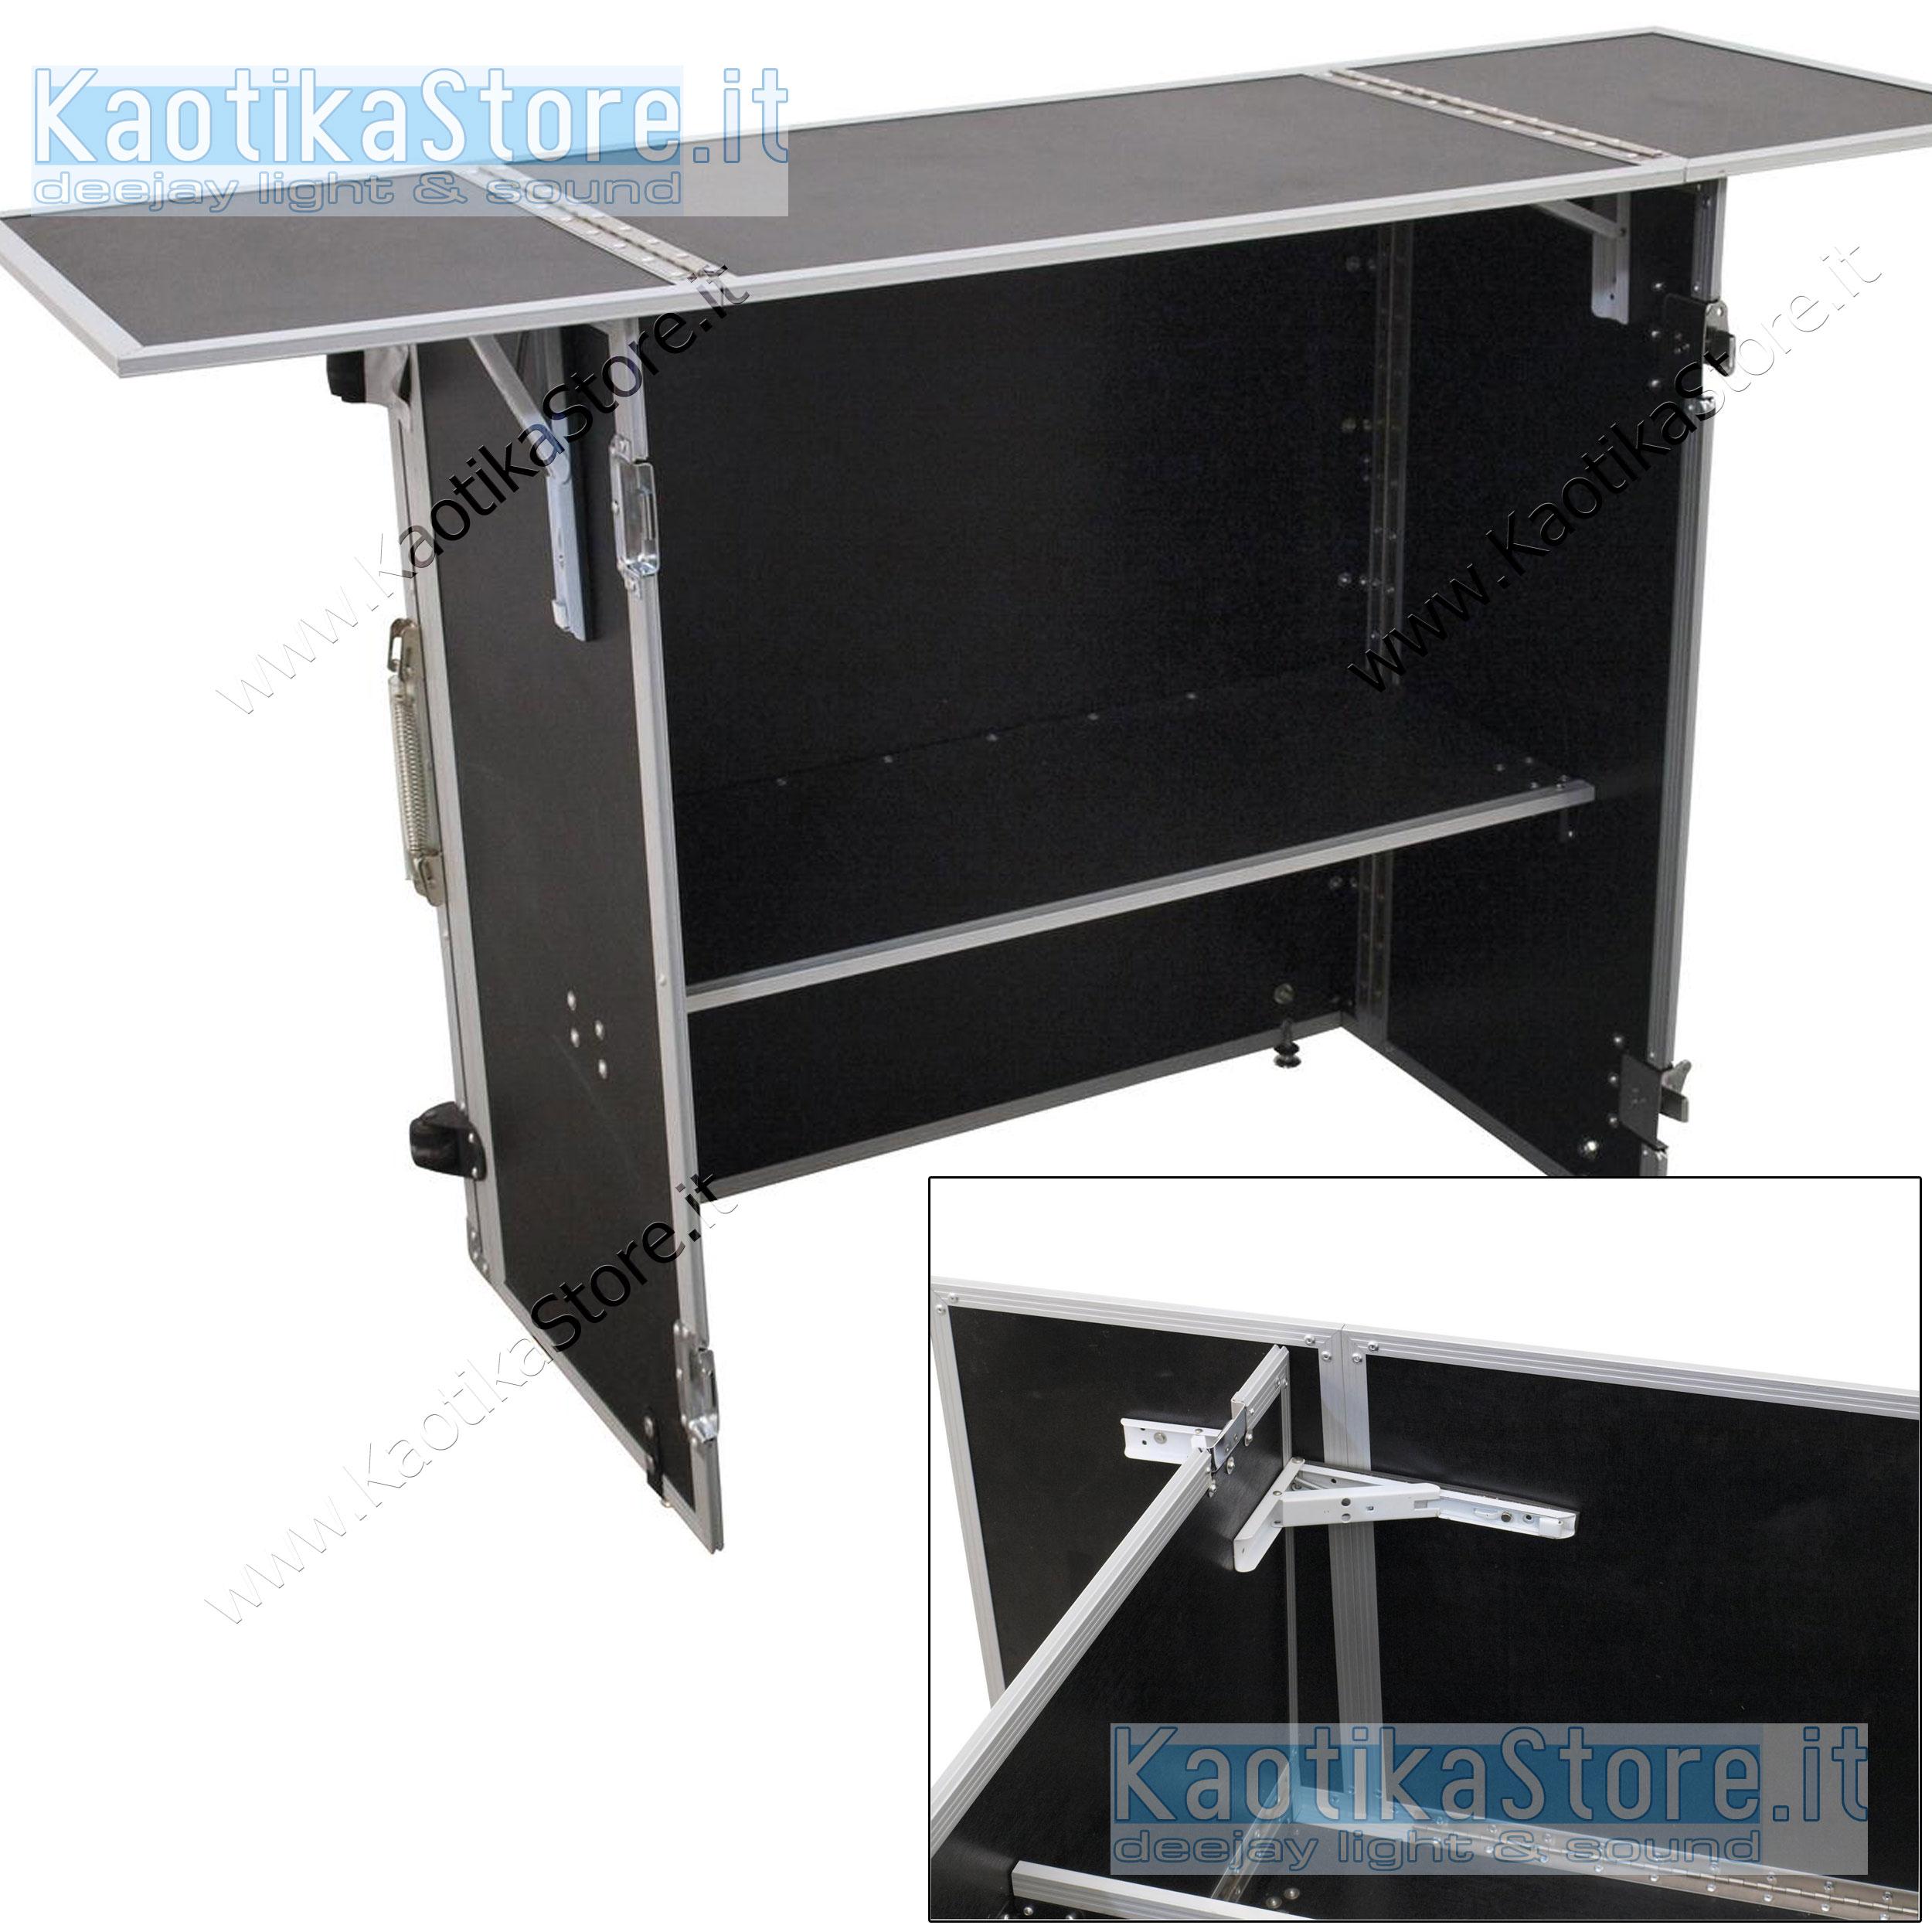 Tavolino apribile trasporto stand dj banco da lavoro - Tavolo matto porto potenza ...